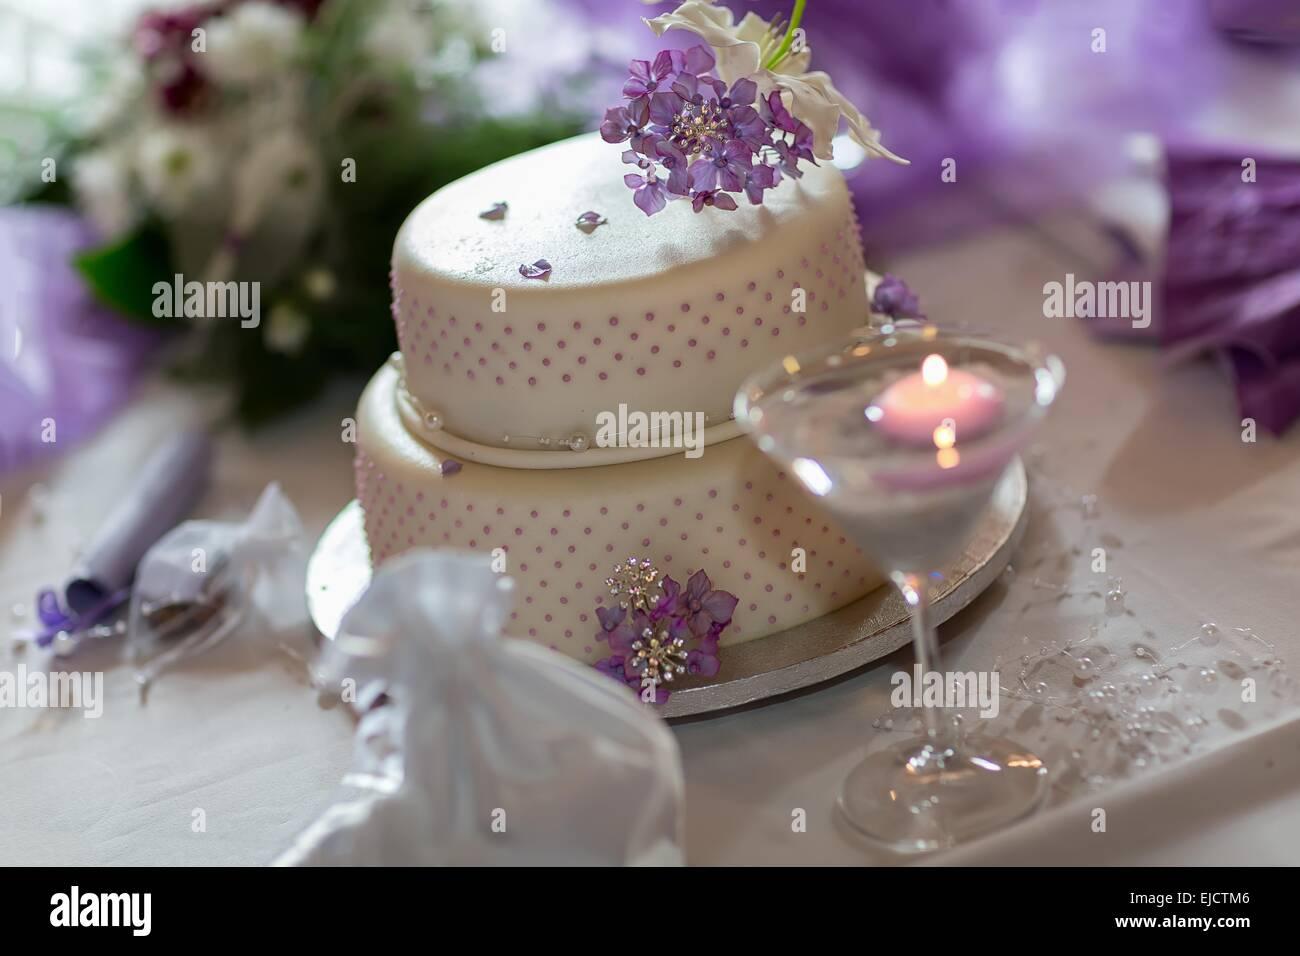 Bezaubernd Hochzeitstorte Lila Dekoration Von Traditionelle Mit Blüten